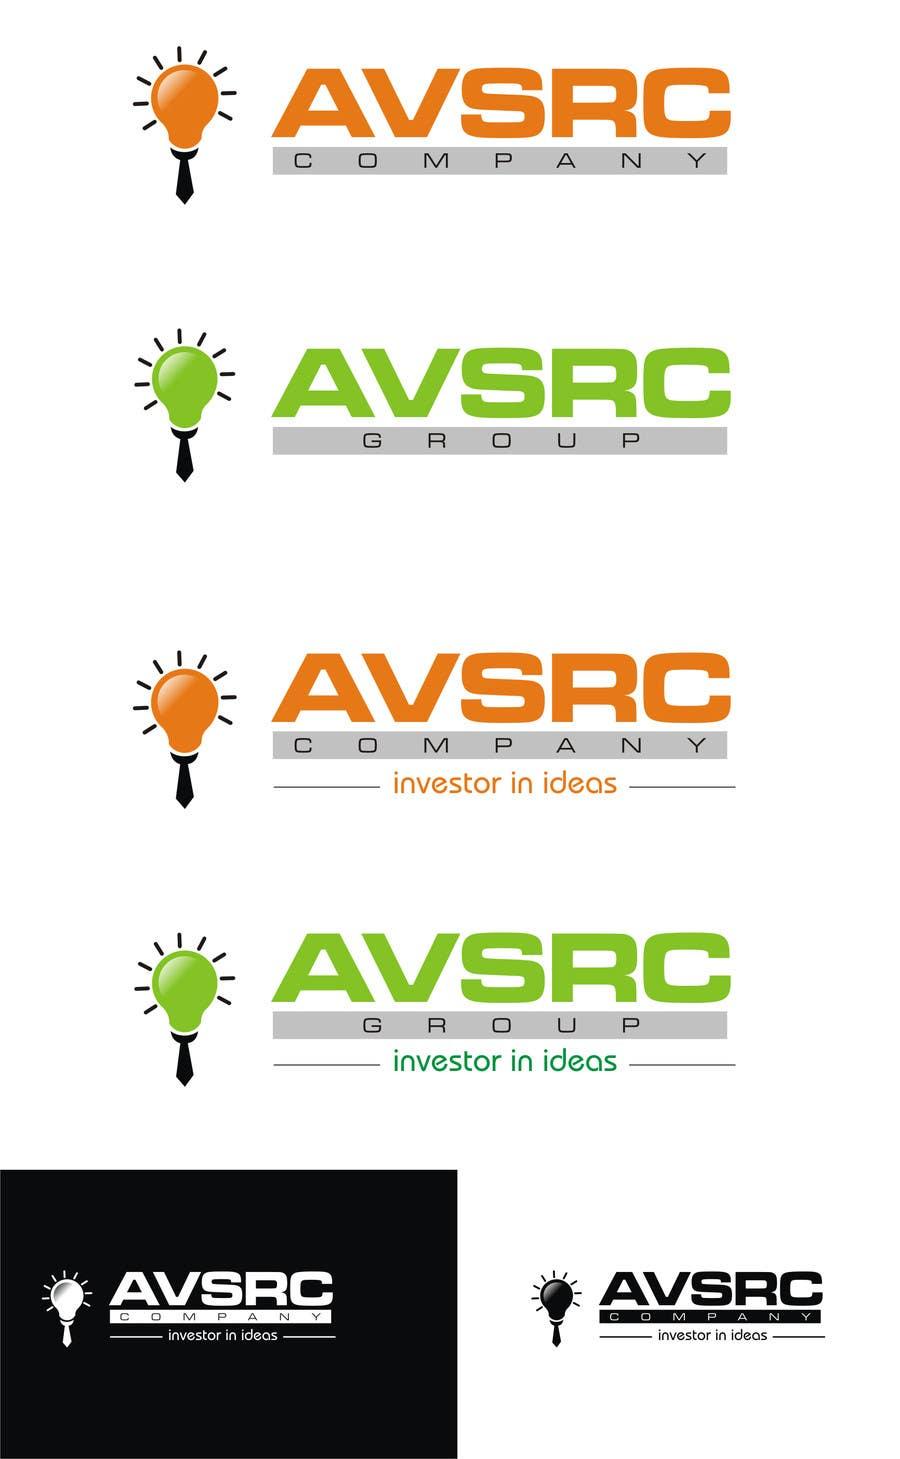 Bài tham dự cuộc thi #29 cho Design a Logo for AVSRC